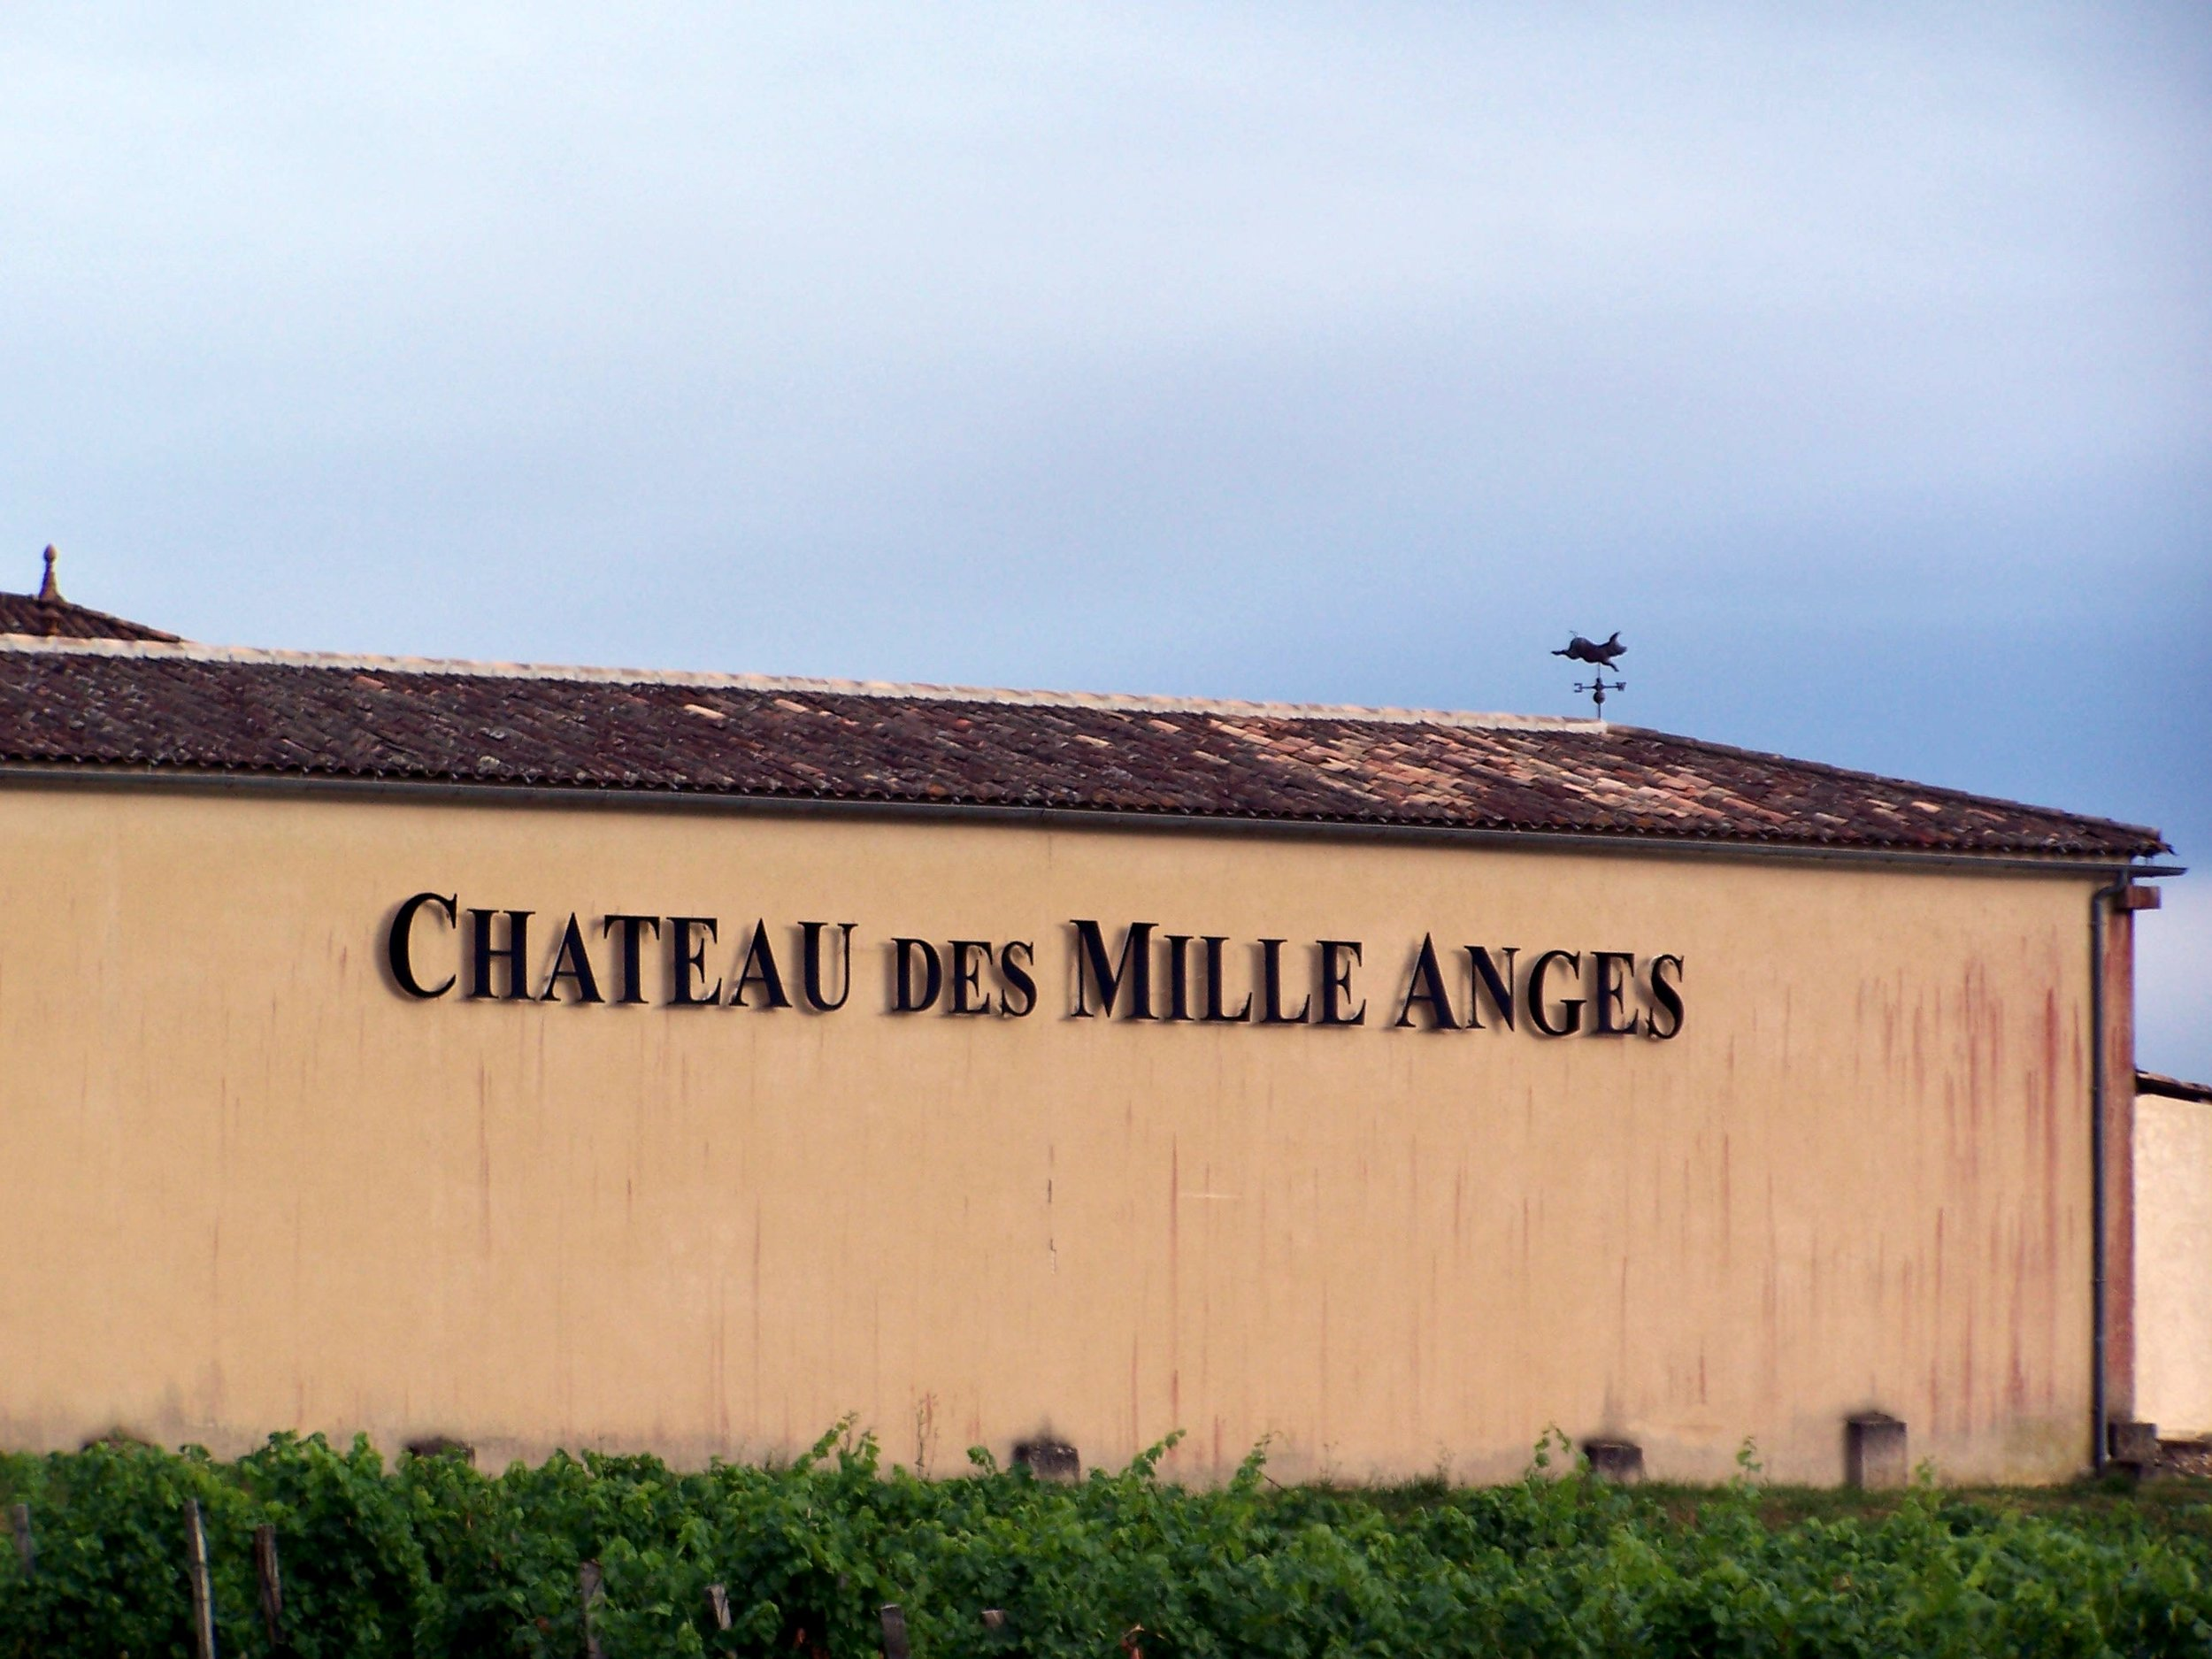 Saint-Germain-de-Grave_Publicité_Château_des_Mille_Anges.jpg